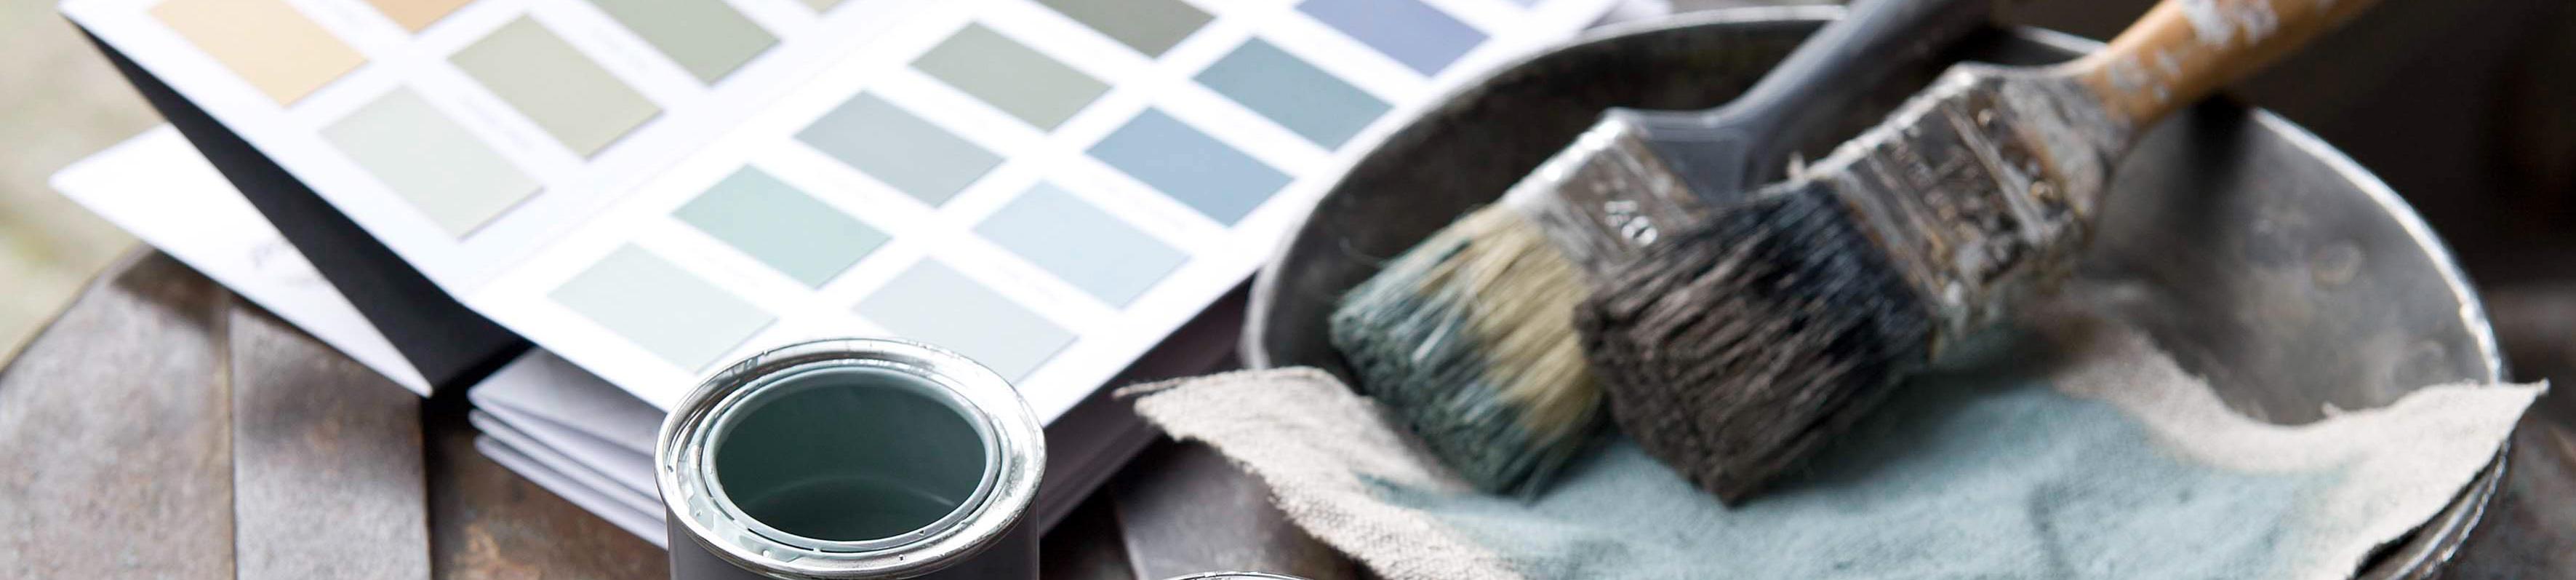 Pure original verf in 140 kleuren sterdealer van pure original - Kleurkaart kleur interieur verf ...